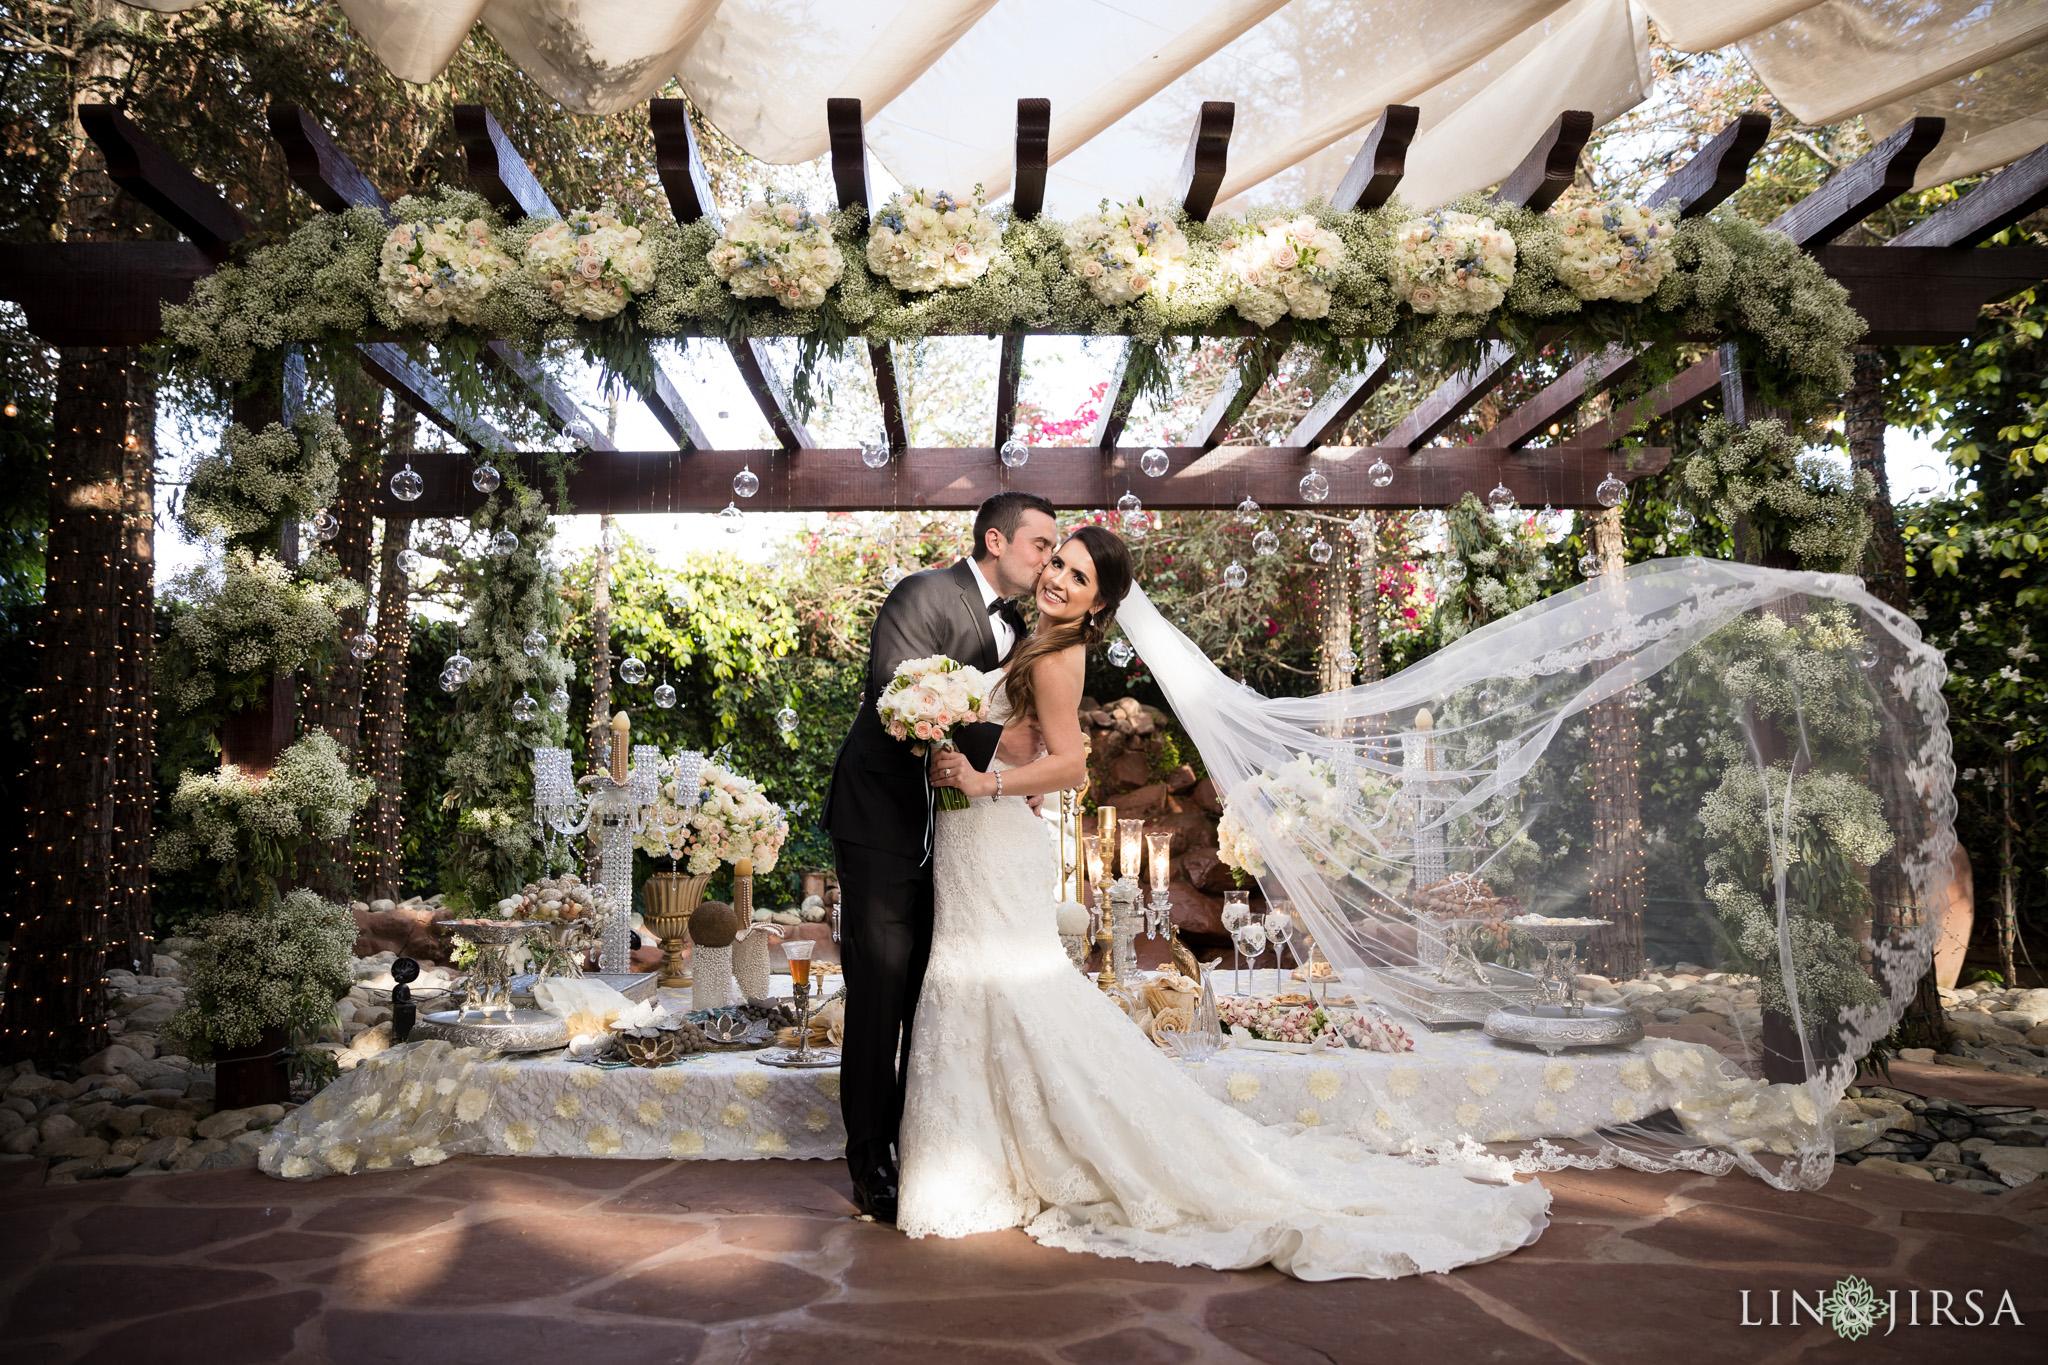 23-calamigos-equestrian-persian-wedding-photography